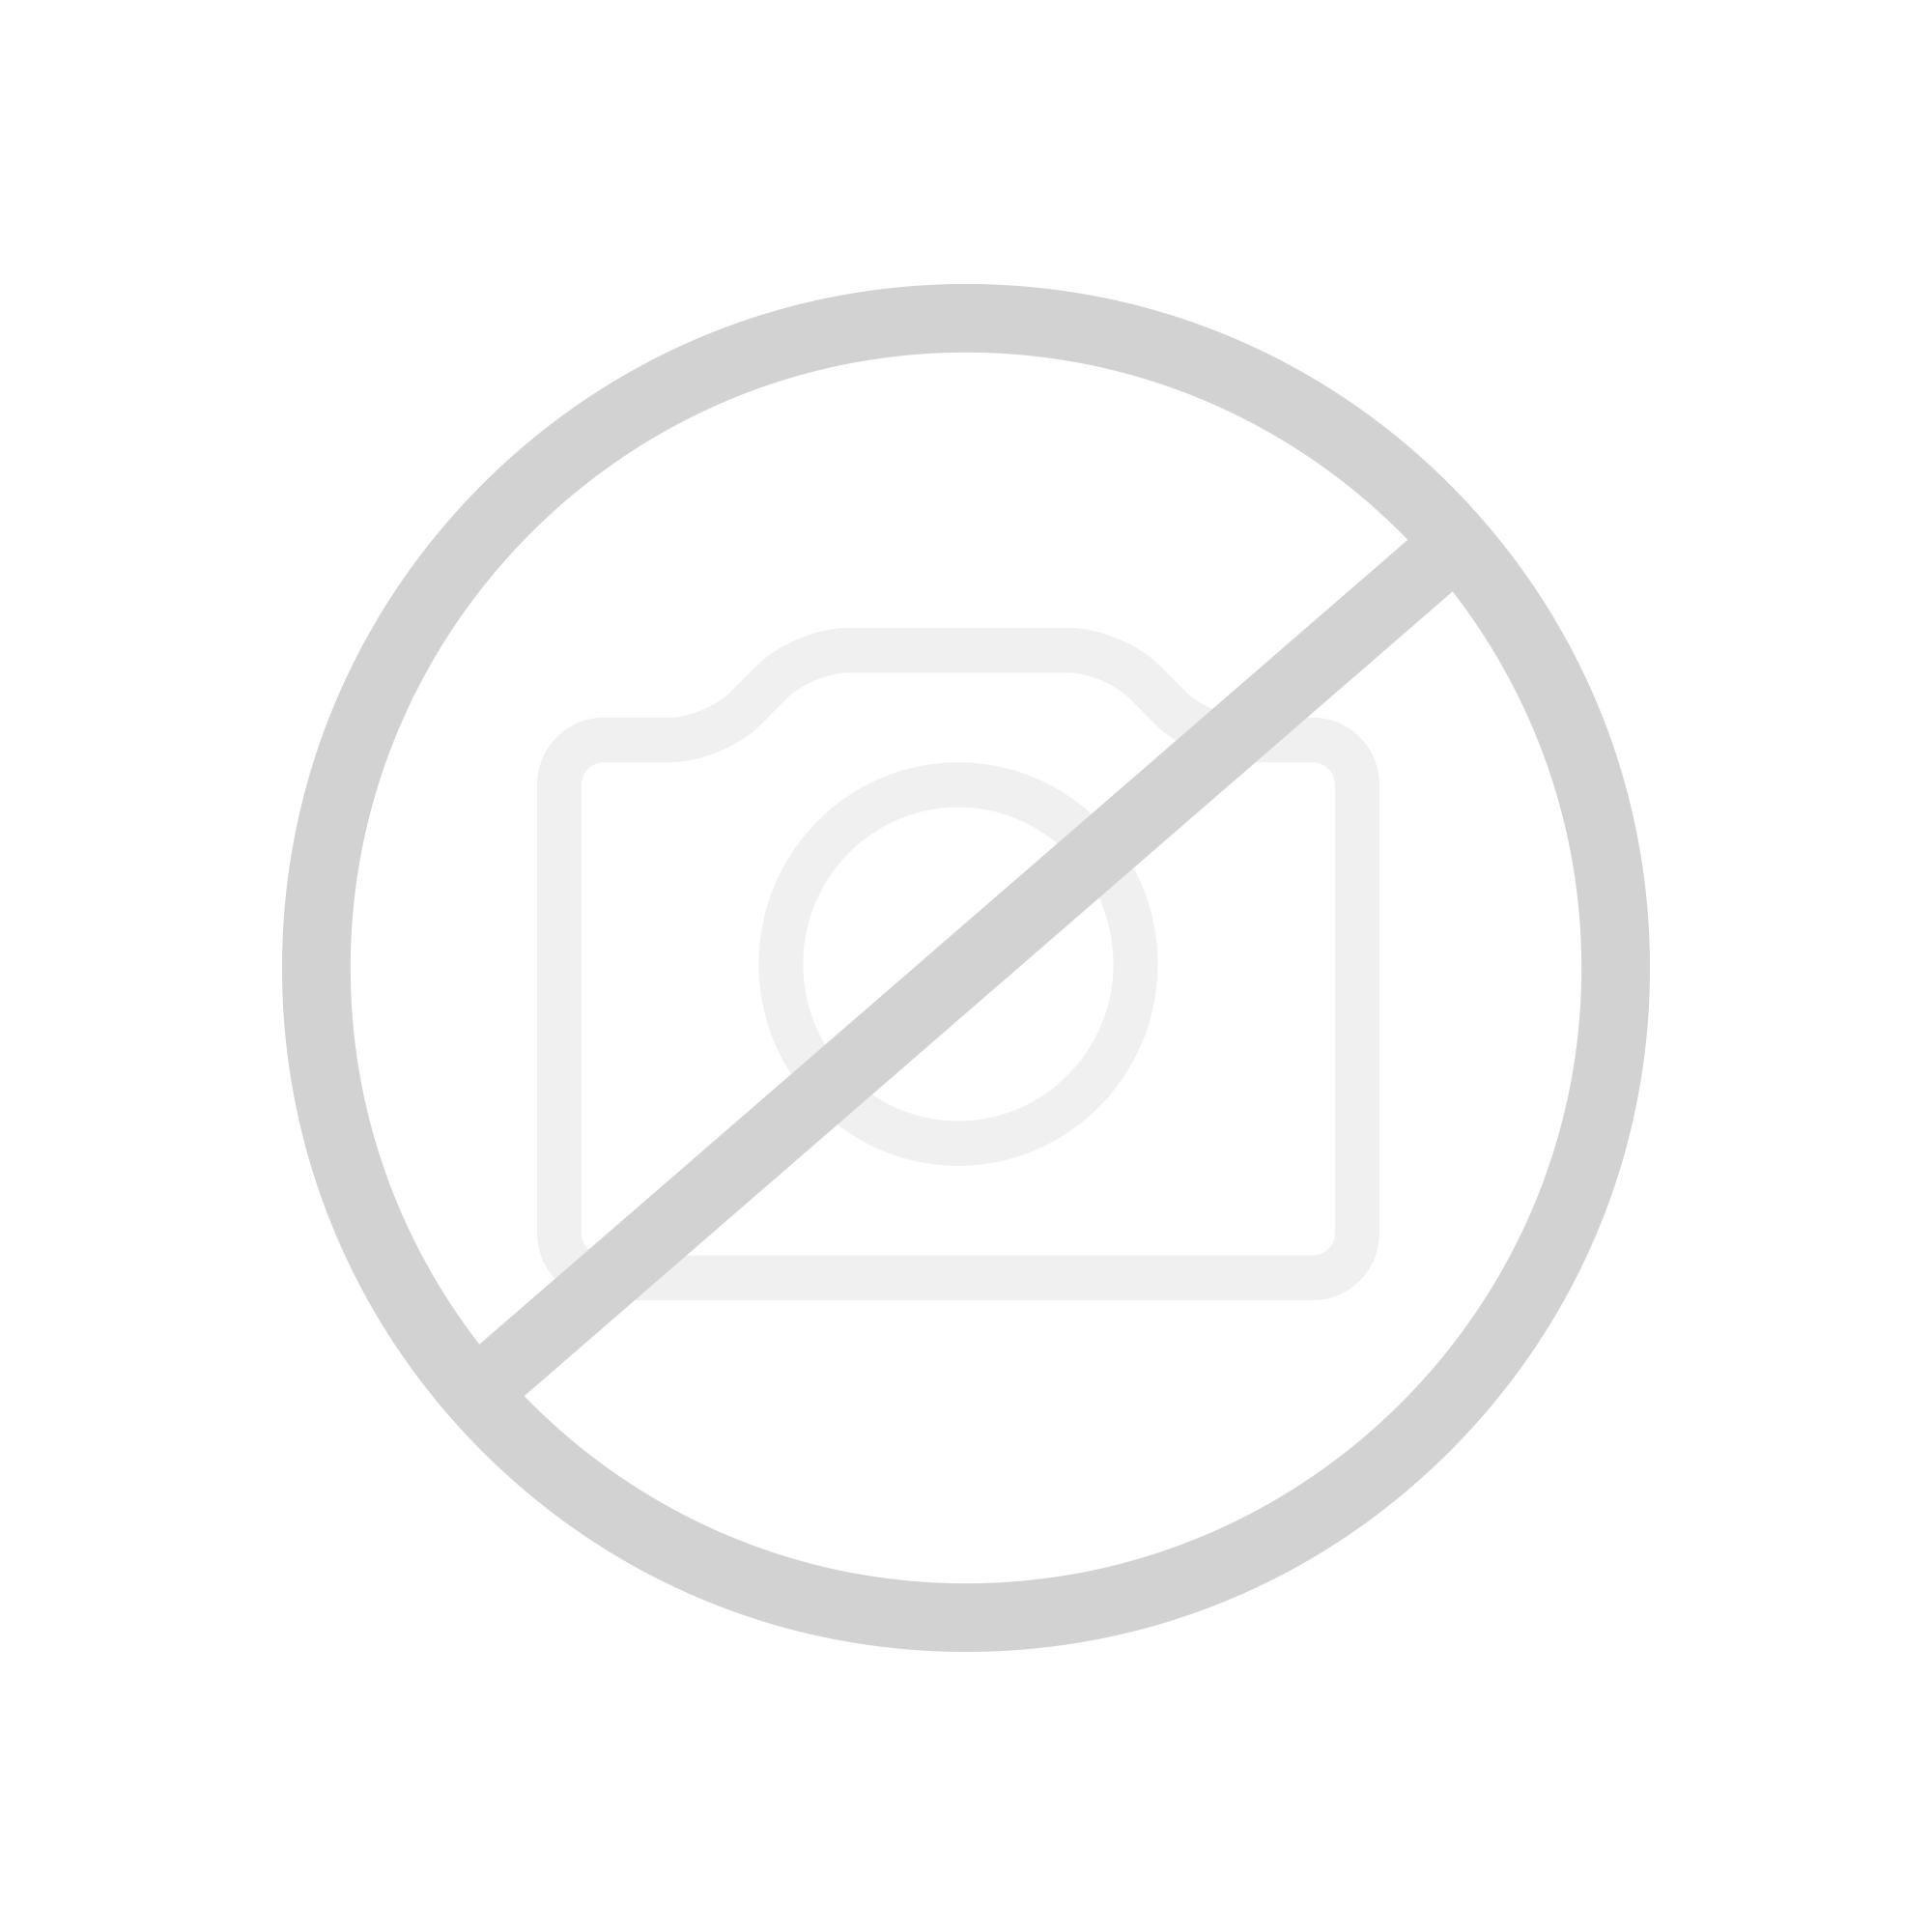 ideal standard spiegelschr nke. Black Bedroom Furniture Sets. Home Design Ideas